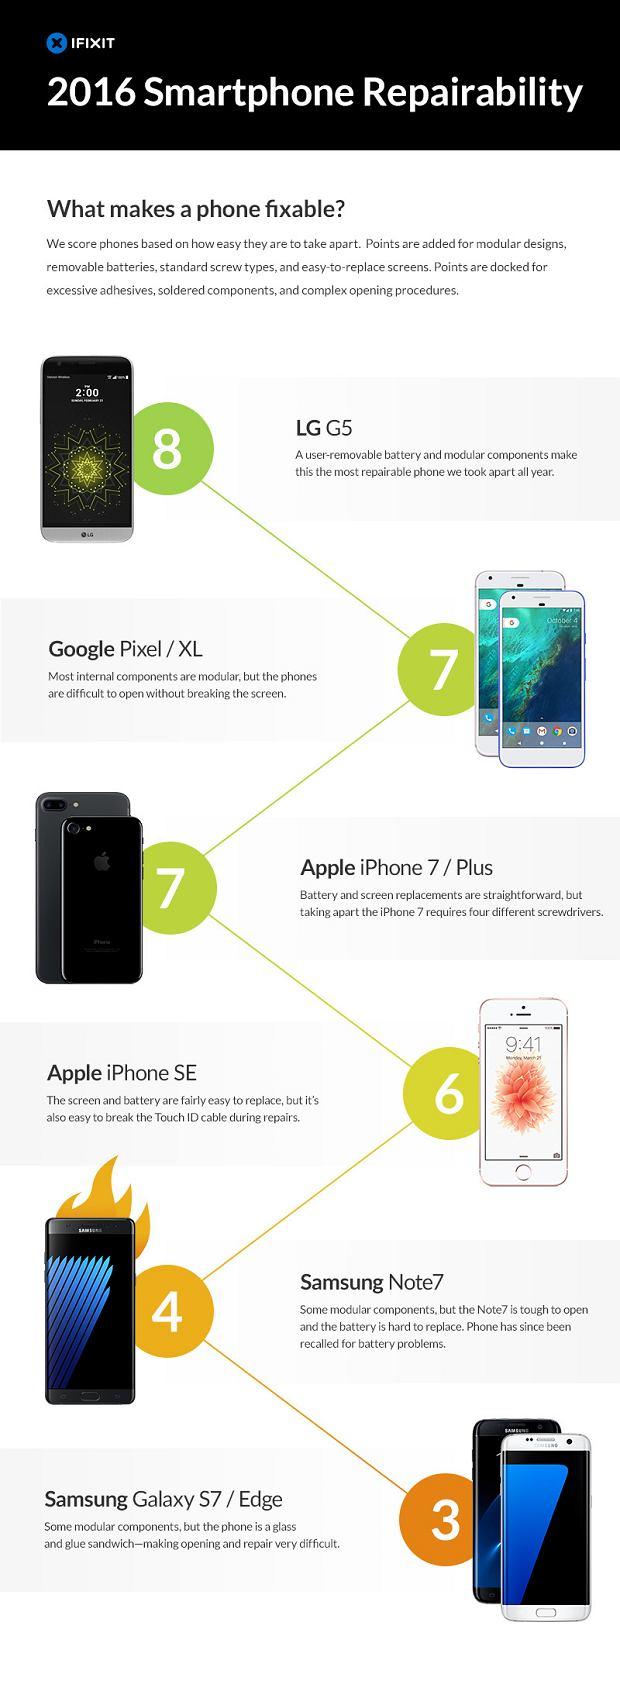 Ranking iFixit - najłatwiejsze i najtrudniejsze smartfony w demontażu oraz naprawie